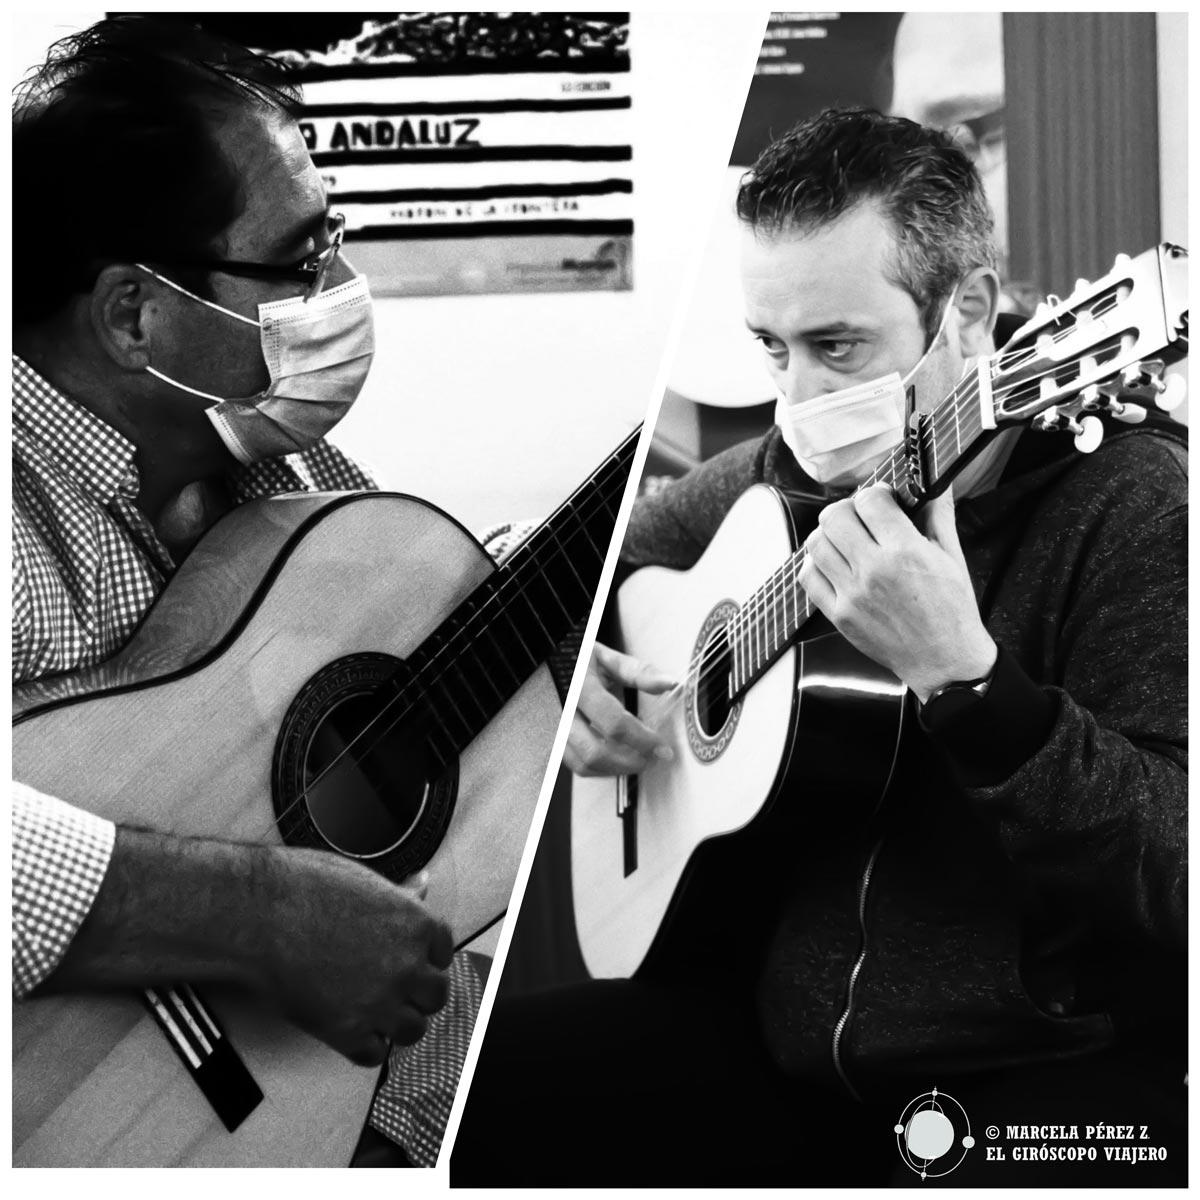 Clases de Flamenco en la Escuela de Morón de la Frontera